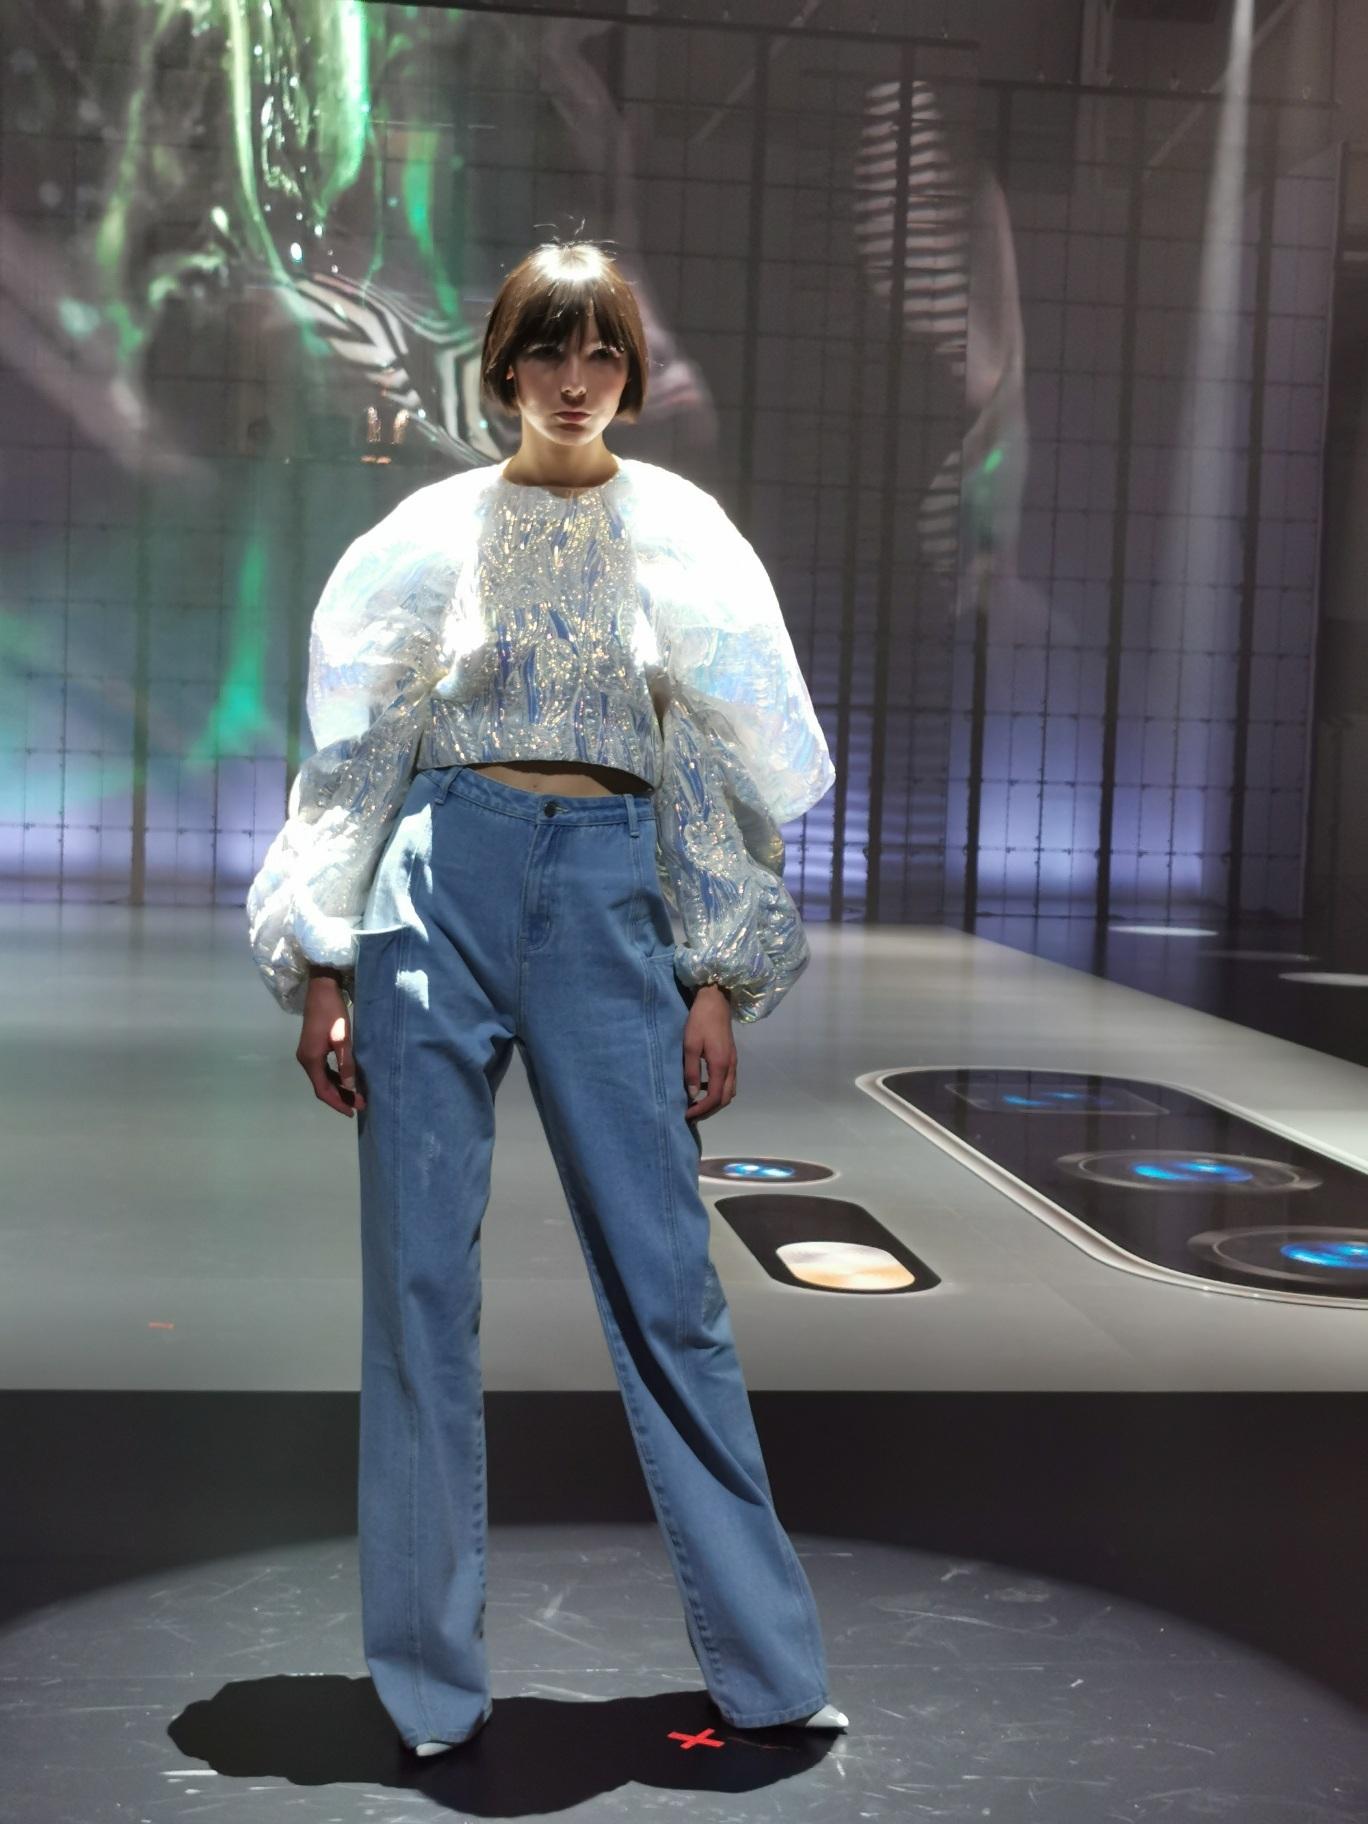 Modelo durante el desfile Fashion Flair en Milán